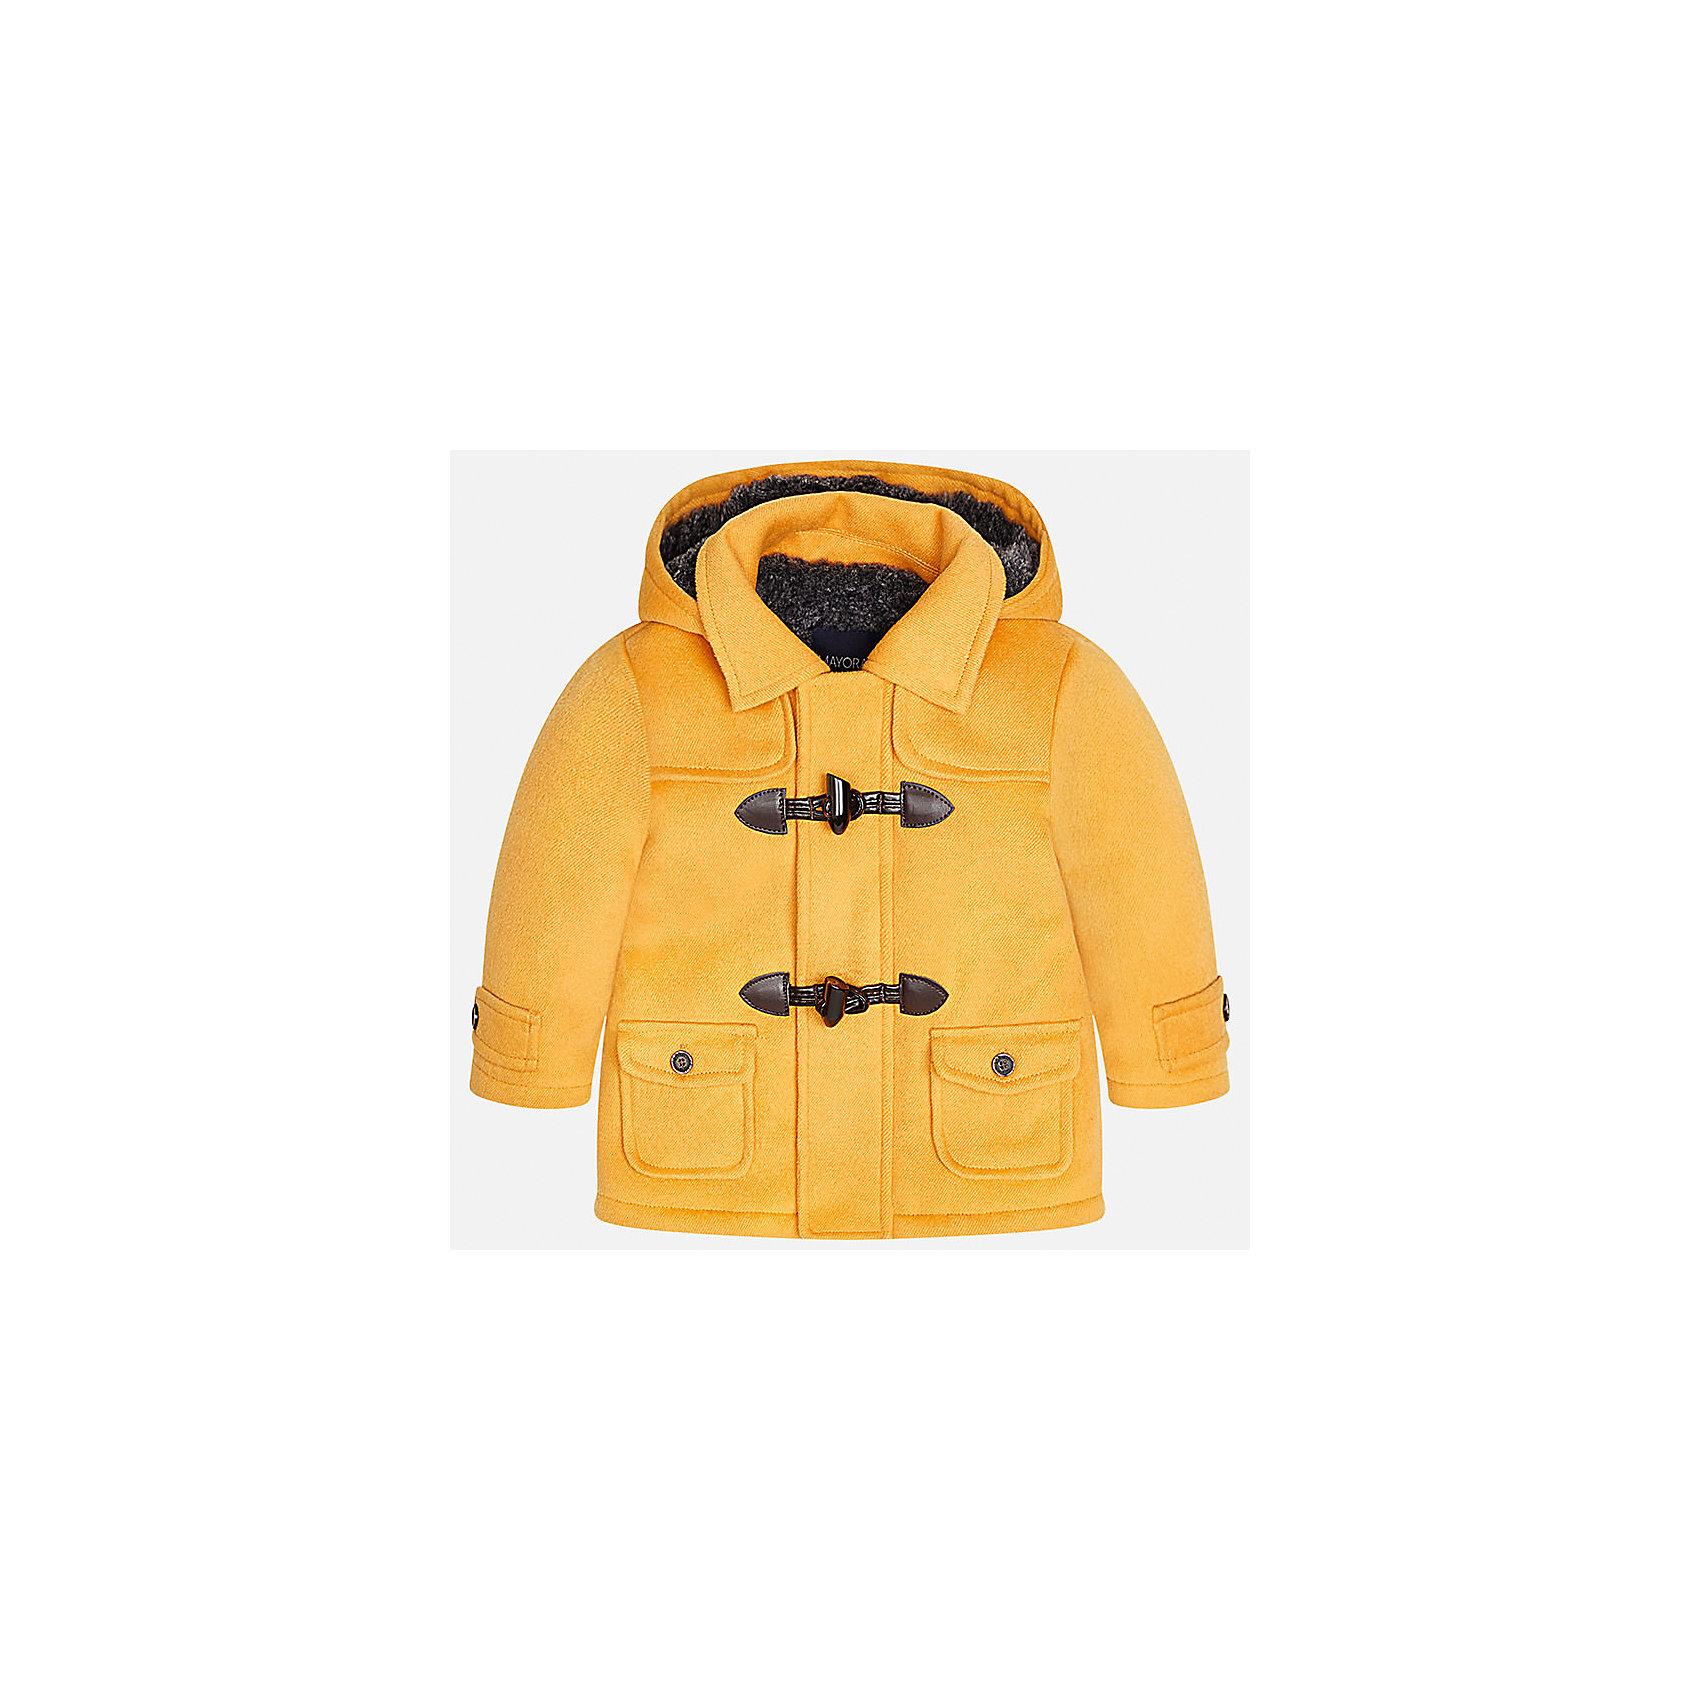 Куртка для мальчика MayoralВерхняя одежда<br>Характеристики товара:<br><br>• цвет: оранжевый<br>• состав ткани: 94% полиэстер, 4% вискоза, 2% эластан<br>• подкладка: 100% полиэстер<br>• утеплитель: 100% полиэстер<br>• сезон: демисезон<br>• температурный режим: от -10 до +10<br>• особенности куртки: с капюшоном<br>• капюшон: несъемный<br>• застежка: молния, пуговицы<br>• страна бренда: Испания<br>• страна изготовитель: Индия<br><br>Яркая детская куртка сделана из легкого, но теплого материала. Благодаря качественной ткани детской куртки для мальчика создаются комфортные условия для тела. Эта куртка для мальчика отличается стильным продуманным дизайном.<br><br>Куртку для мальчика Mayoral (Майорал) можно купить в нашем интернет-магазине.<br><br>Ширина мм: 356<br>Глубина мм: 10<br>Высота мм: 245<br>Вес г: 519<br>Цвет: оранжевый<br>Возраст от месяцев: 24<br>Возраст до месяцев: 36<br>Пол: Мужской<br>Возраст: Детский<br>Размер: 98,80,86,92<br>SKU: 6935245